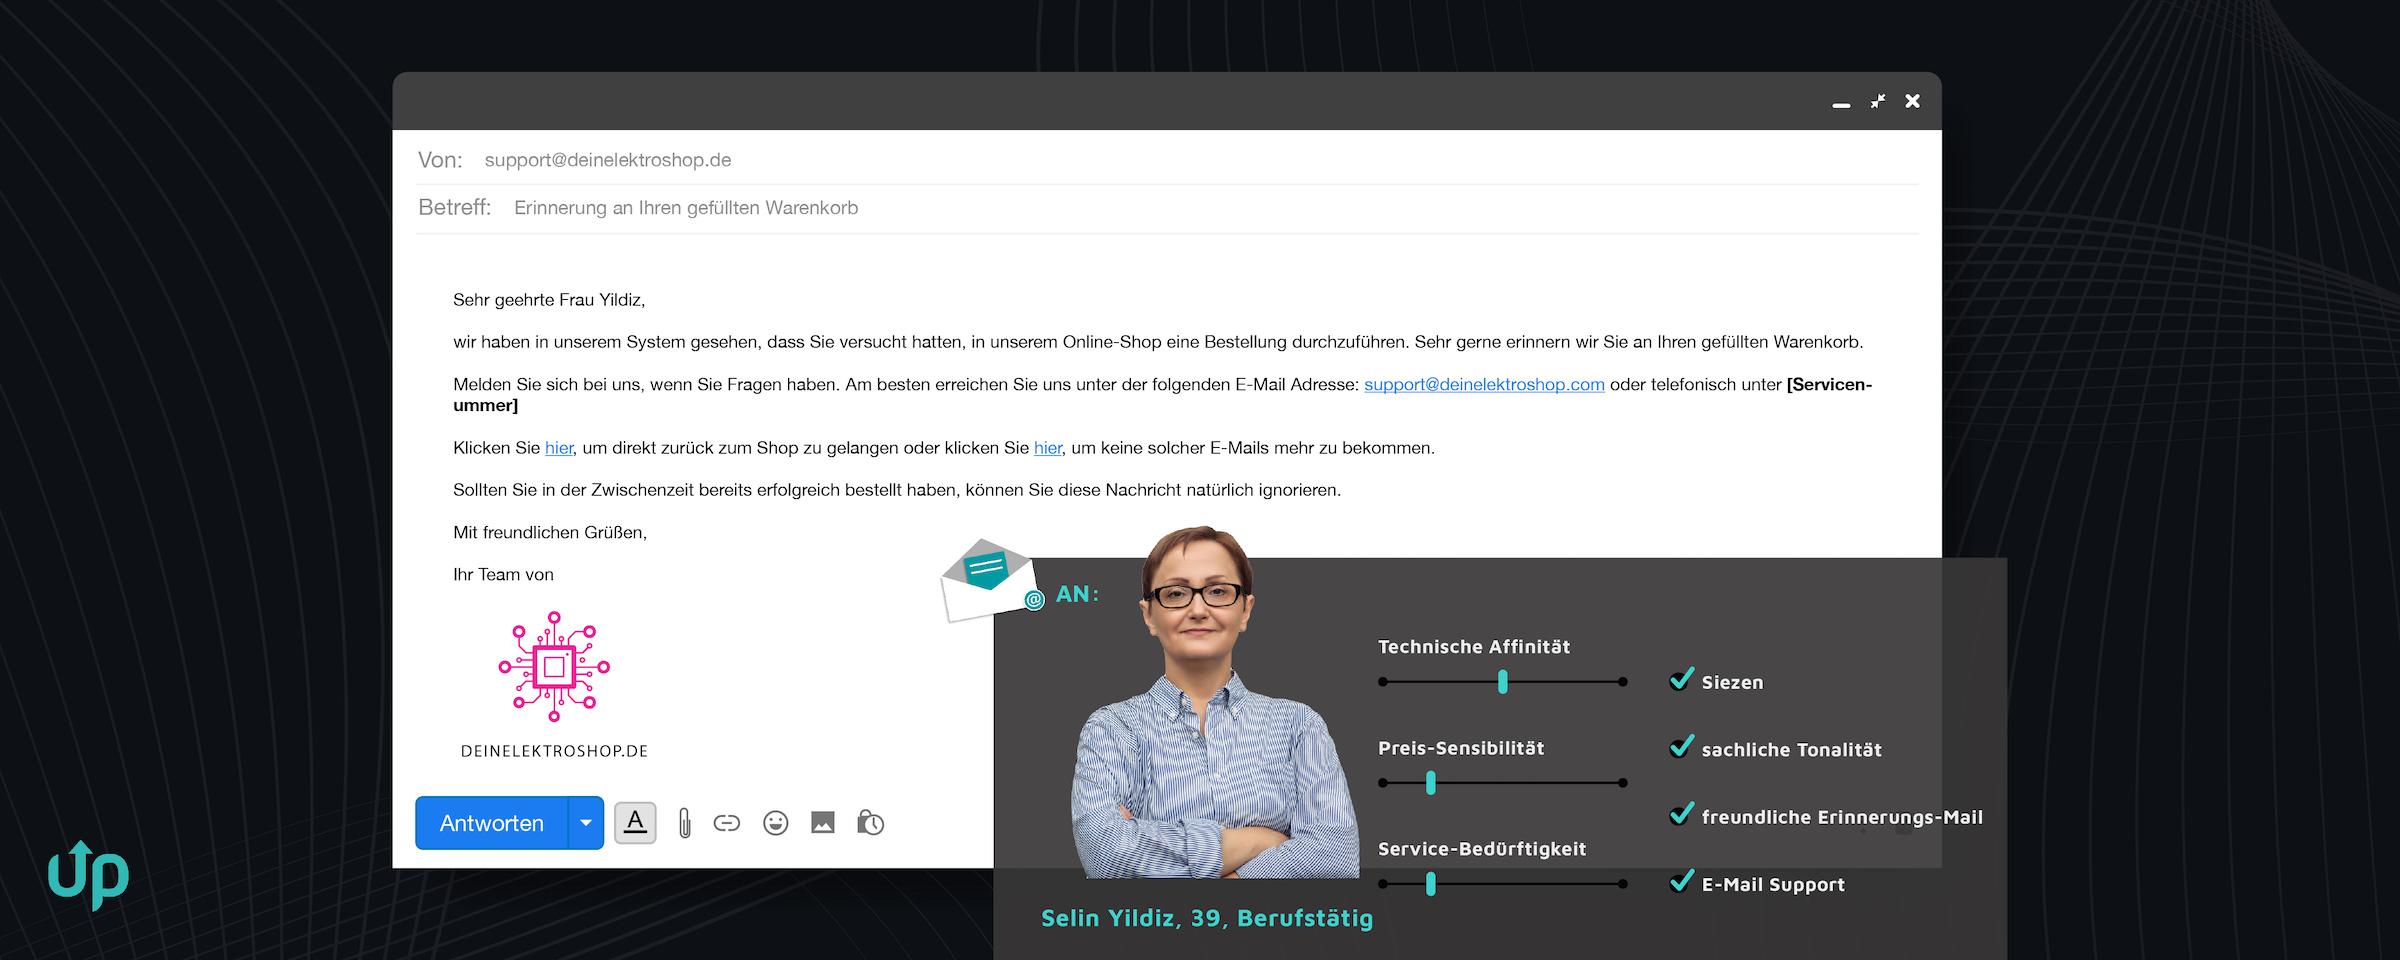 DSGVO-konforme-Warenkorbabbruch-Mails-Beispiele-Templates_Erinnerung_03_de